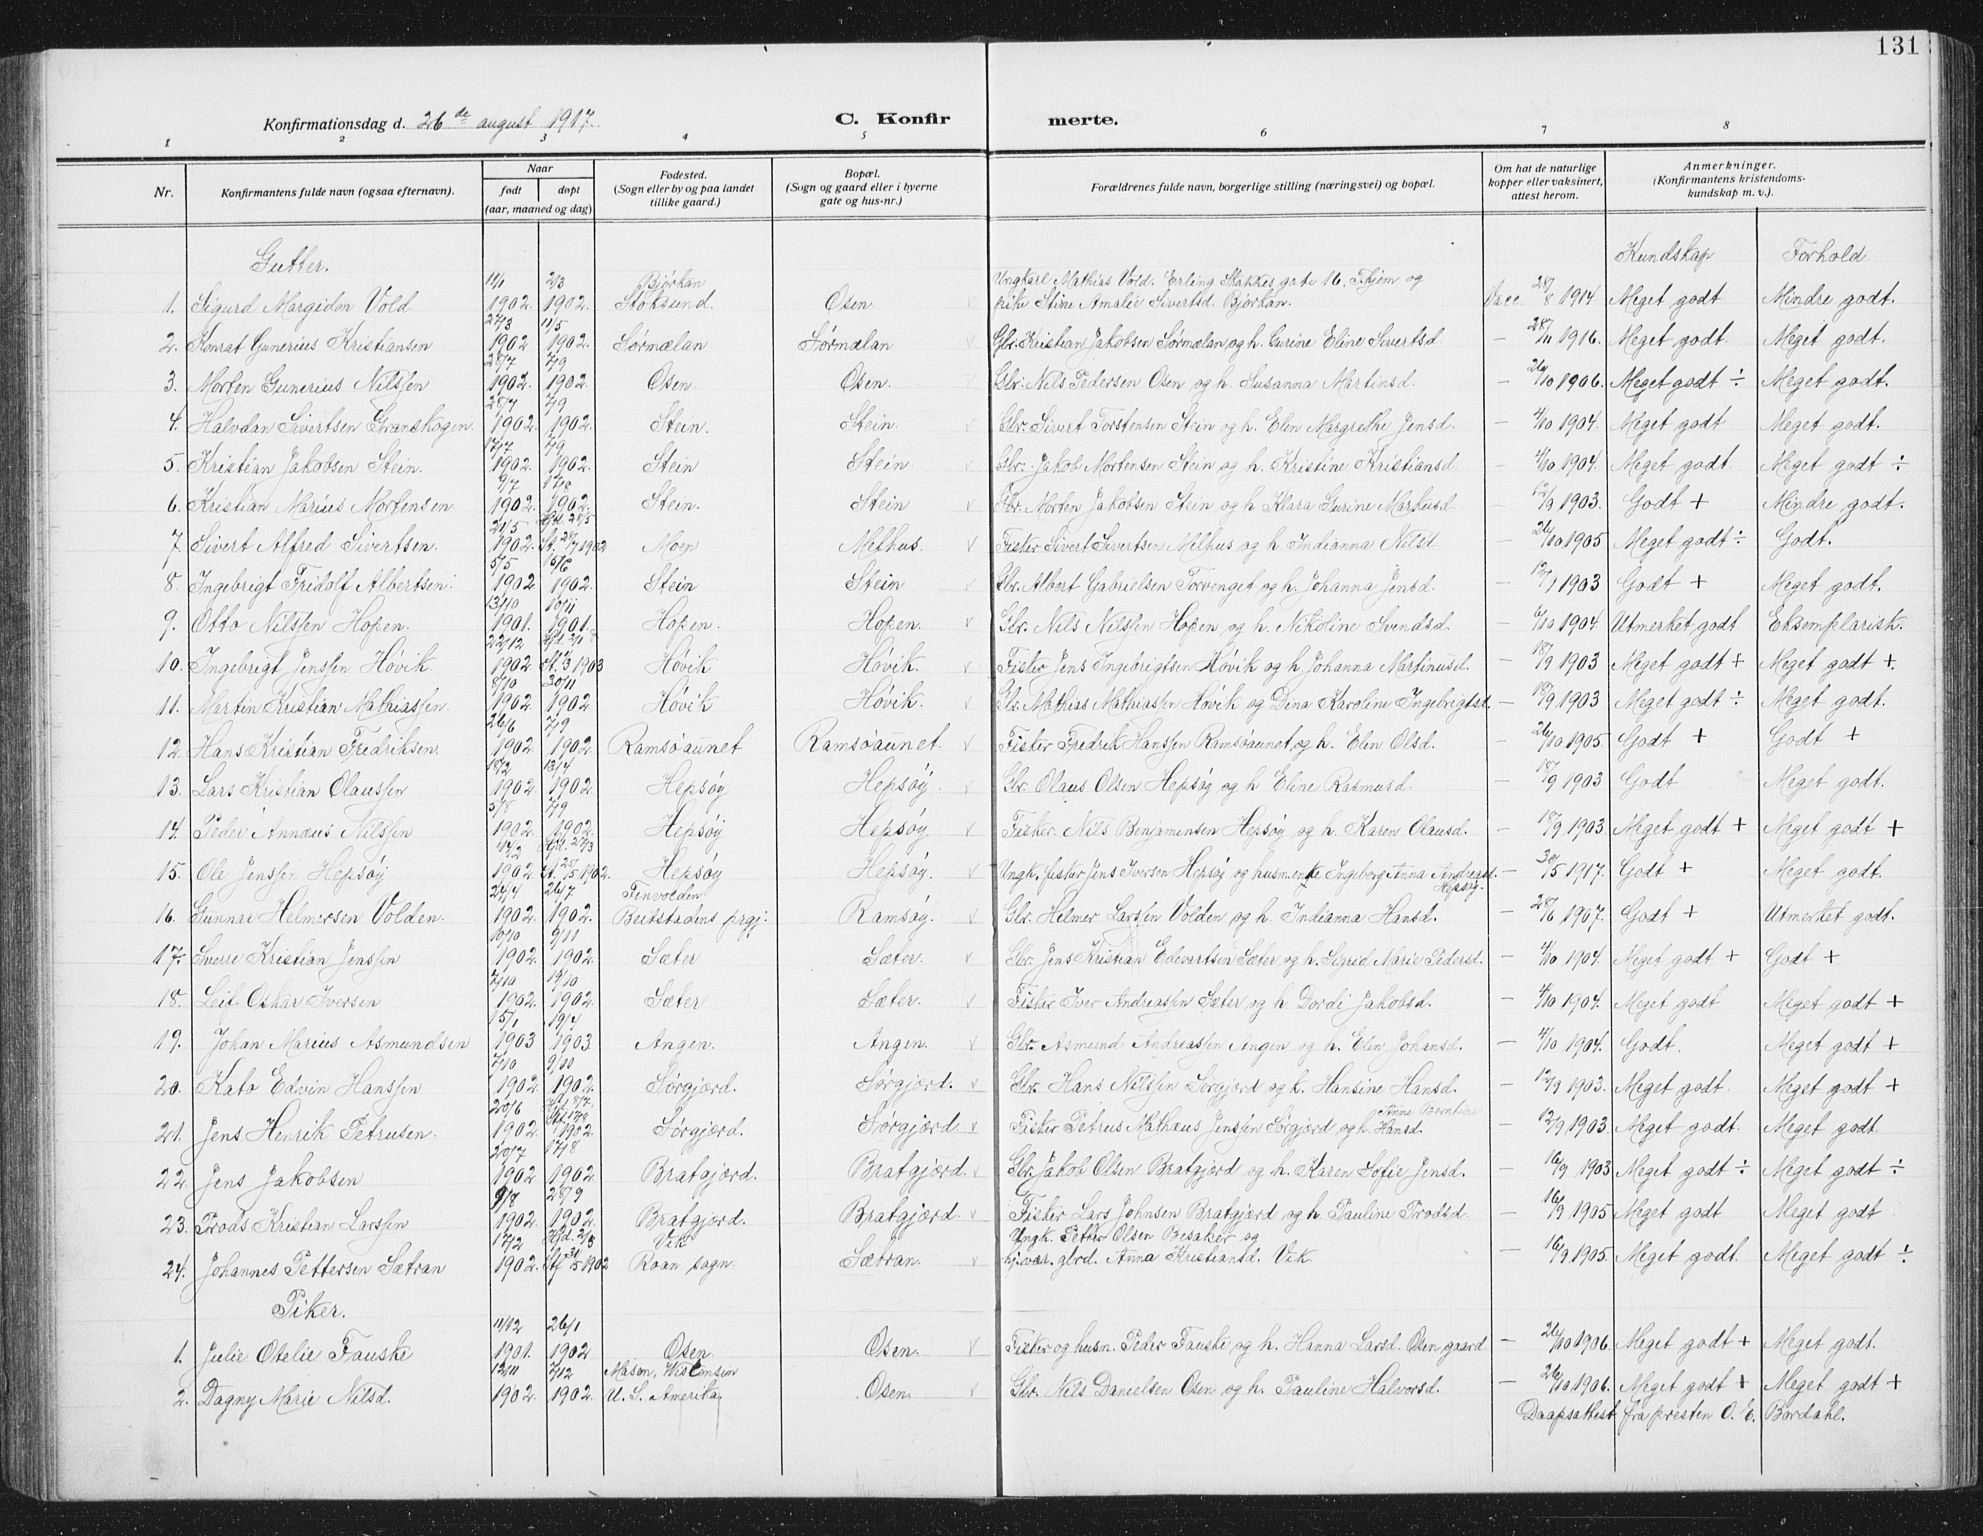 SAT, Ministerialprotokoller, klokkerbøker og fødselsregistre - Sør-Trøndelag, 658/L0727: Klokkerbok nr. 658C03, 1909-1935, s. 131